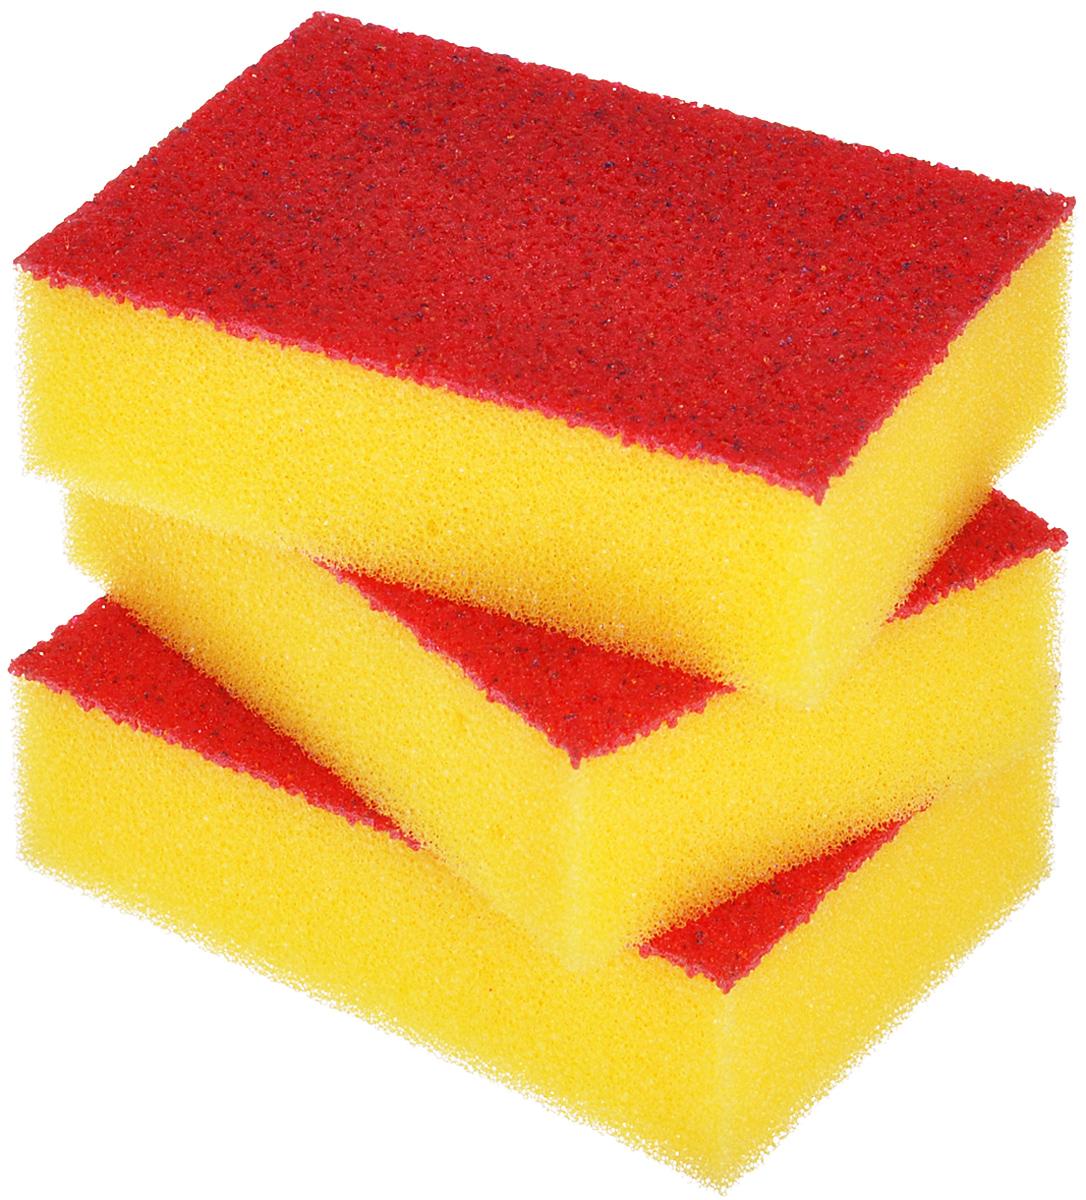 Набор губок Хозяюшка Мила Люкс для мытья посуды, цвет: желтый, 3 шт01011Поролоновые губки Хозяюшка Мила Люкс отличаются от большинства губок тем, что вместо абразивного чистящего слоя используется слой с эластомерной активной поверхностью (эластомер имеет полиуретановую основу). В отличие от абразивной фибры эластомер не наклеивается, а накатывается на поролон, поэтому срок службы такой губки во много раз дольше, чем обычной губки. Размер губки: 10 см х 7 см х 3 см.